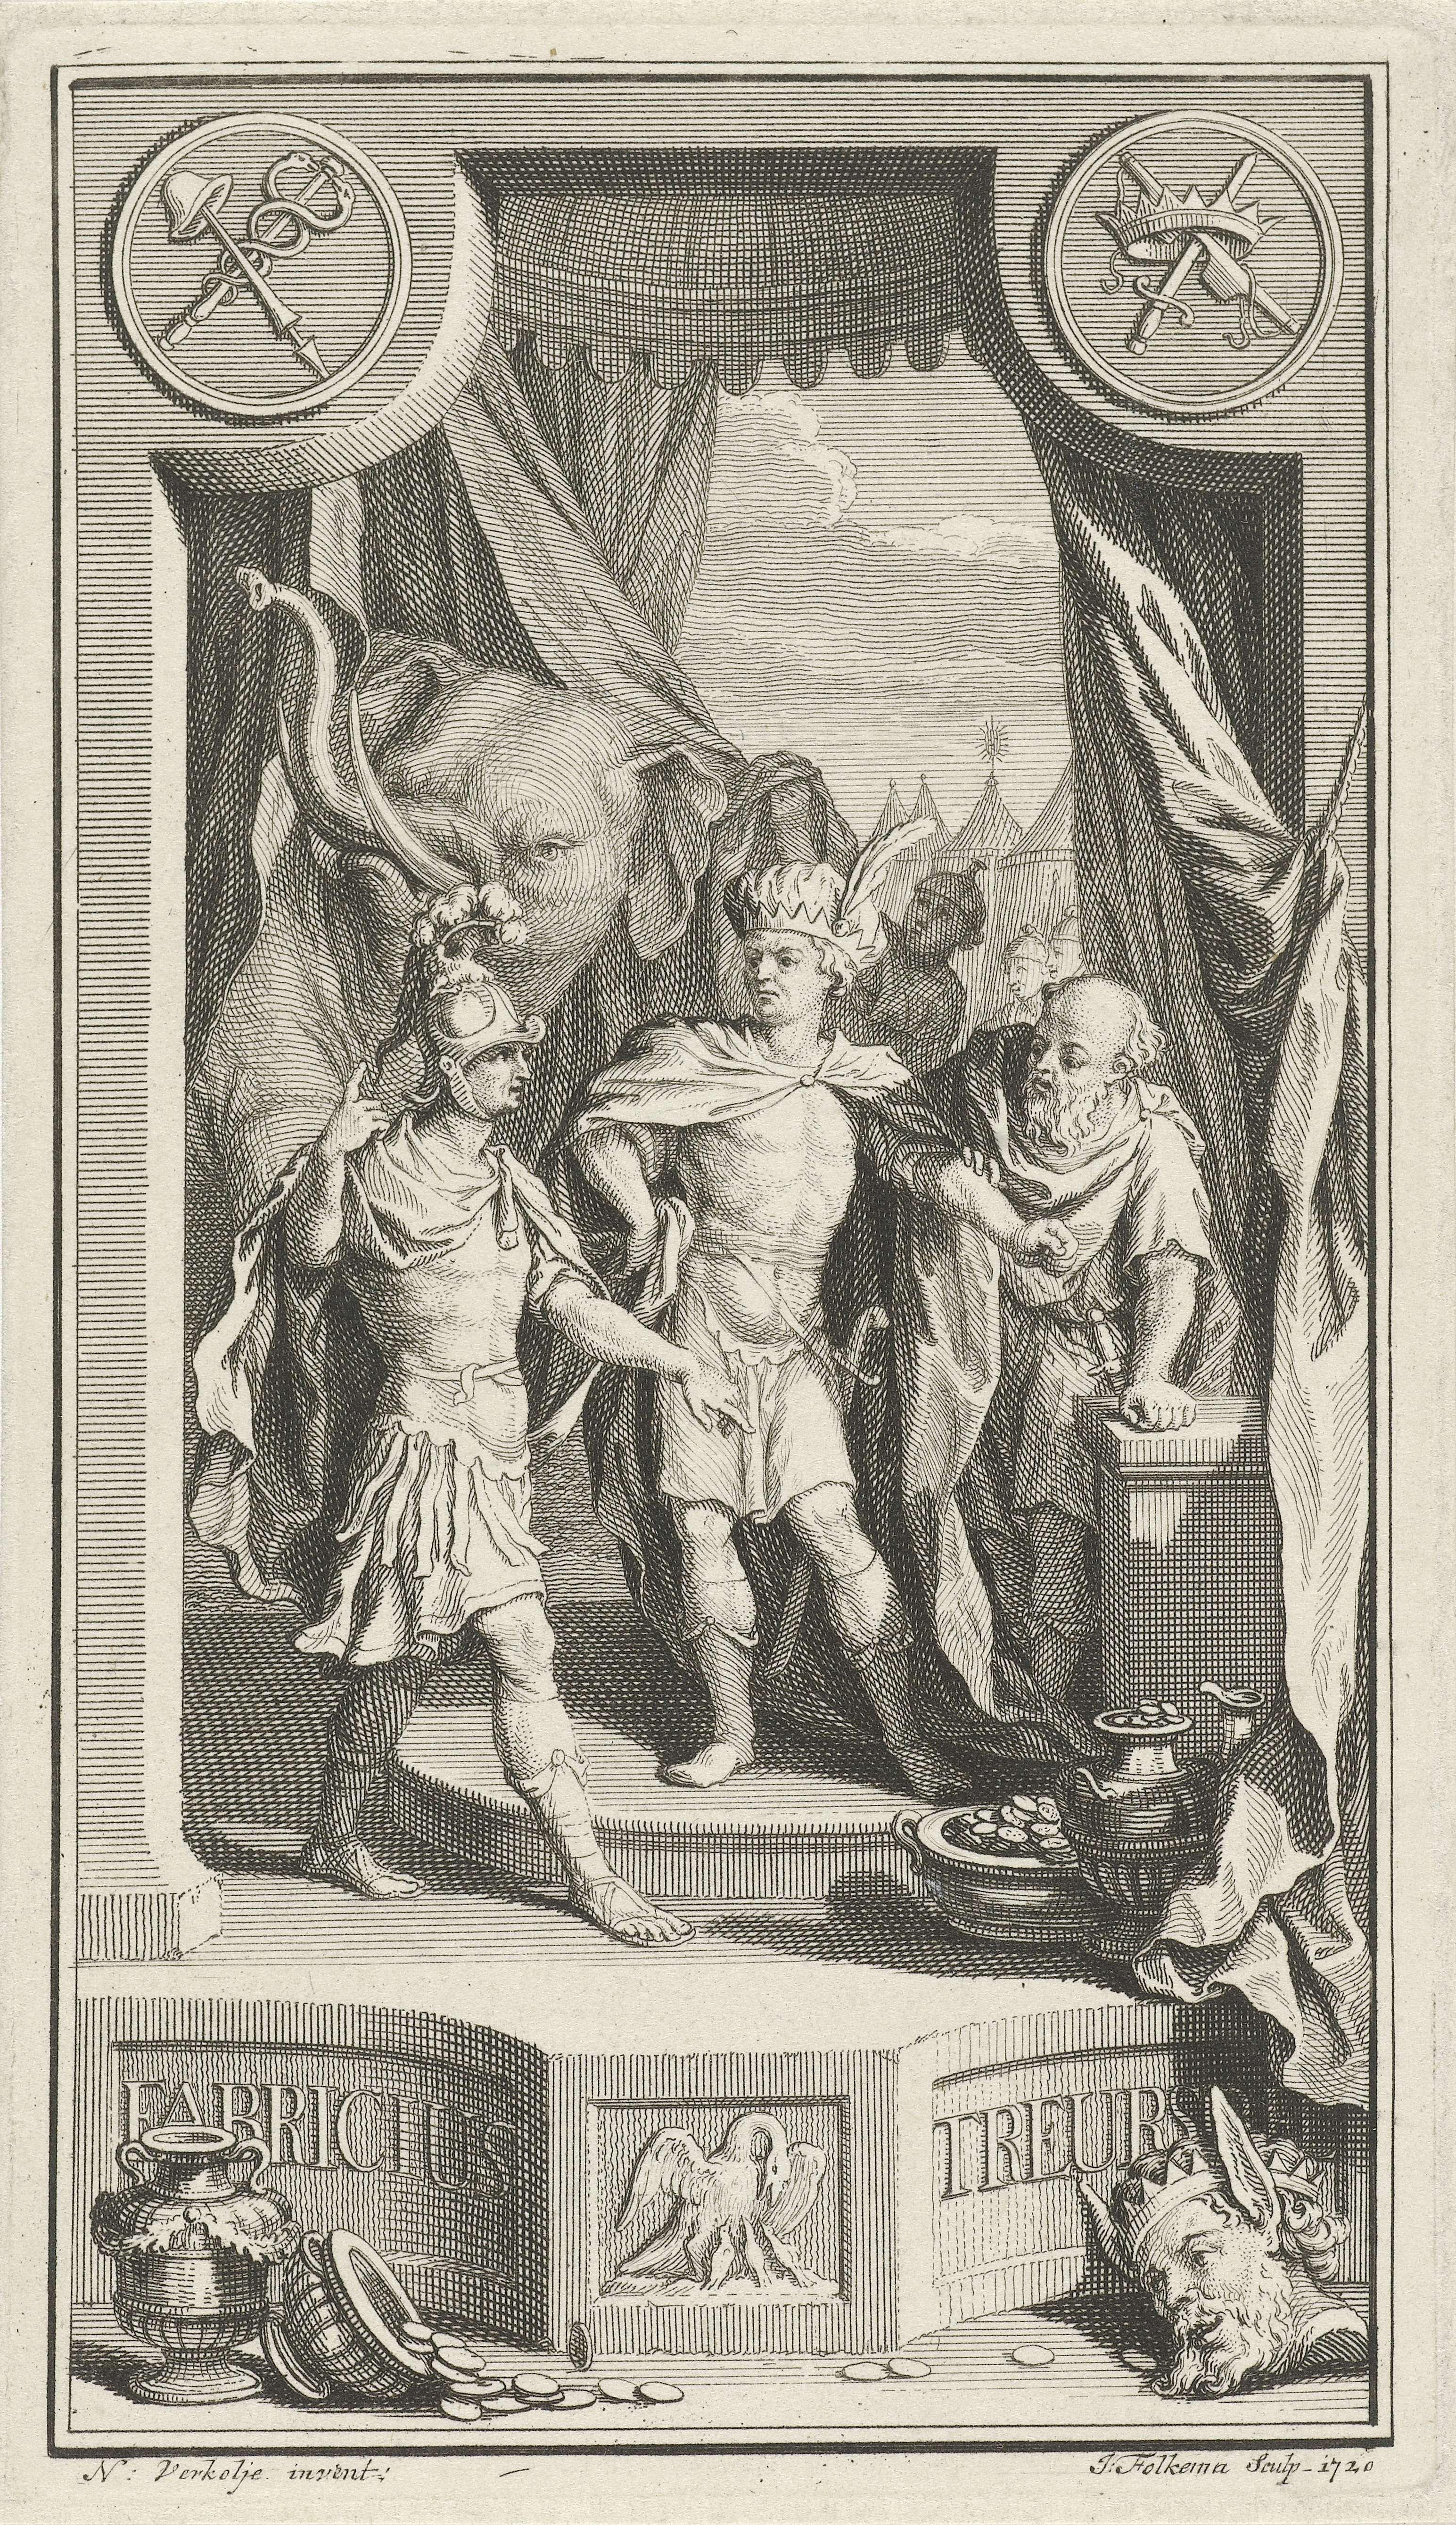 Jacob Folkema | Pyrrhus toont Gaius Fabricius Luscinus een olifant, Jacob Folkema, 1720 | De Romeinse consul Gaius Fabritius Luscinus bezoekt voor vredesonderhandelingen Koning Pyrrhus, met wie de Romeinen in oorlog waren. Pyrrhus staat centraal in het midden naast een oude man in toga en kijkt geërgerd naar Gaius Fabritius Luscinus. Phyrrus doet er alles aan om hem om te kopen, maar ook van de olifant die de tent binnen komt lopen is de Romeinse consul niet onder de indruk.